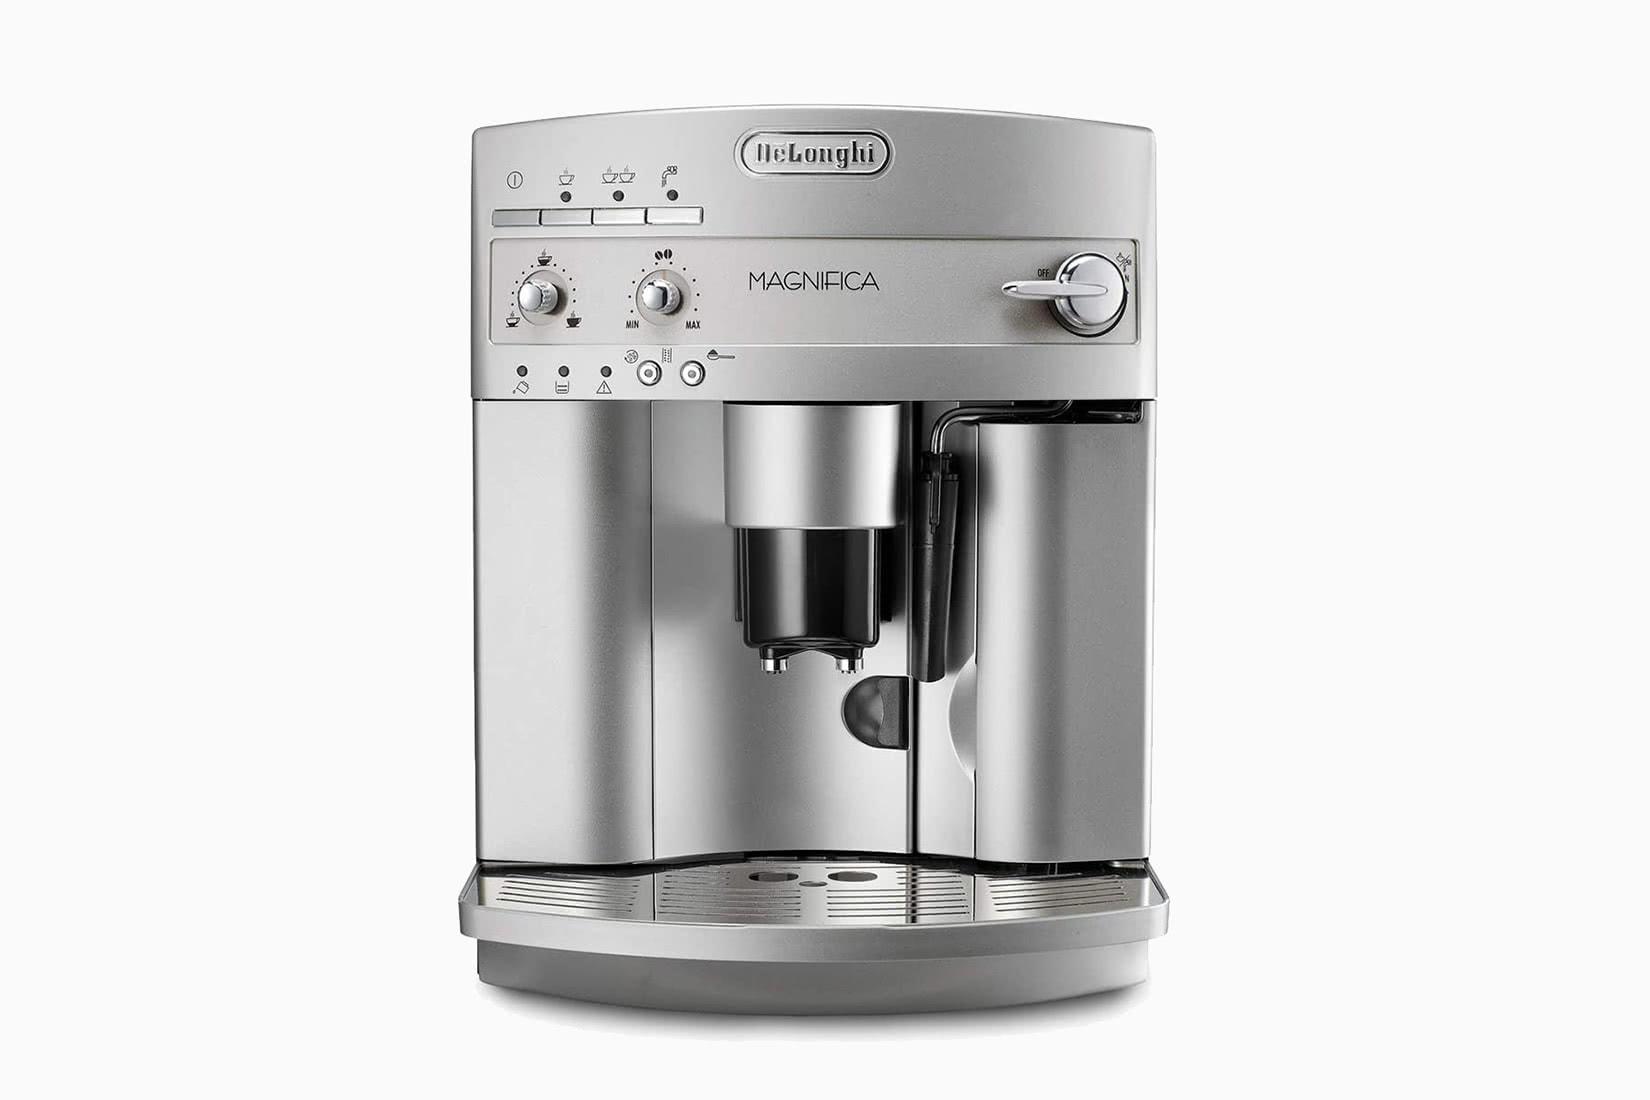 best espresso machine automatic de longhi magnifica review - Luxe Digital